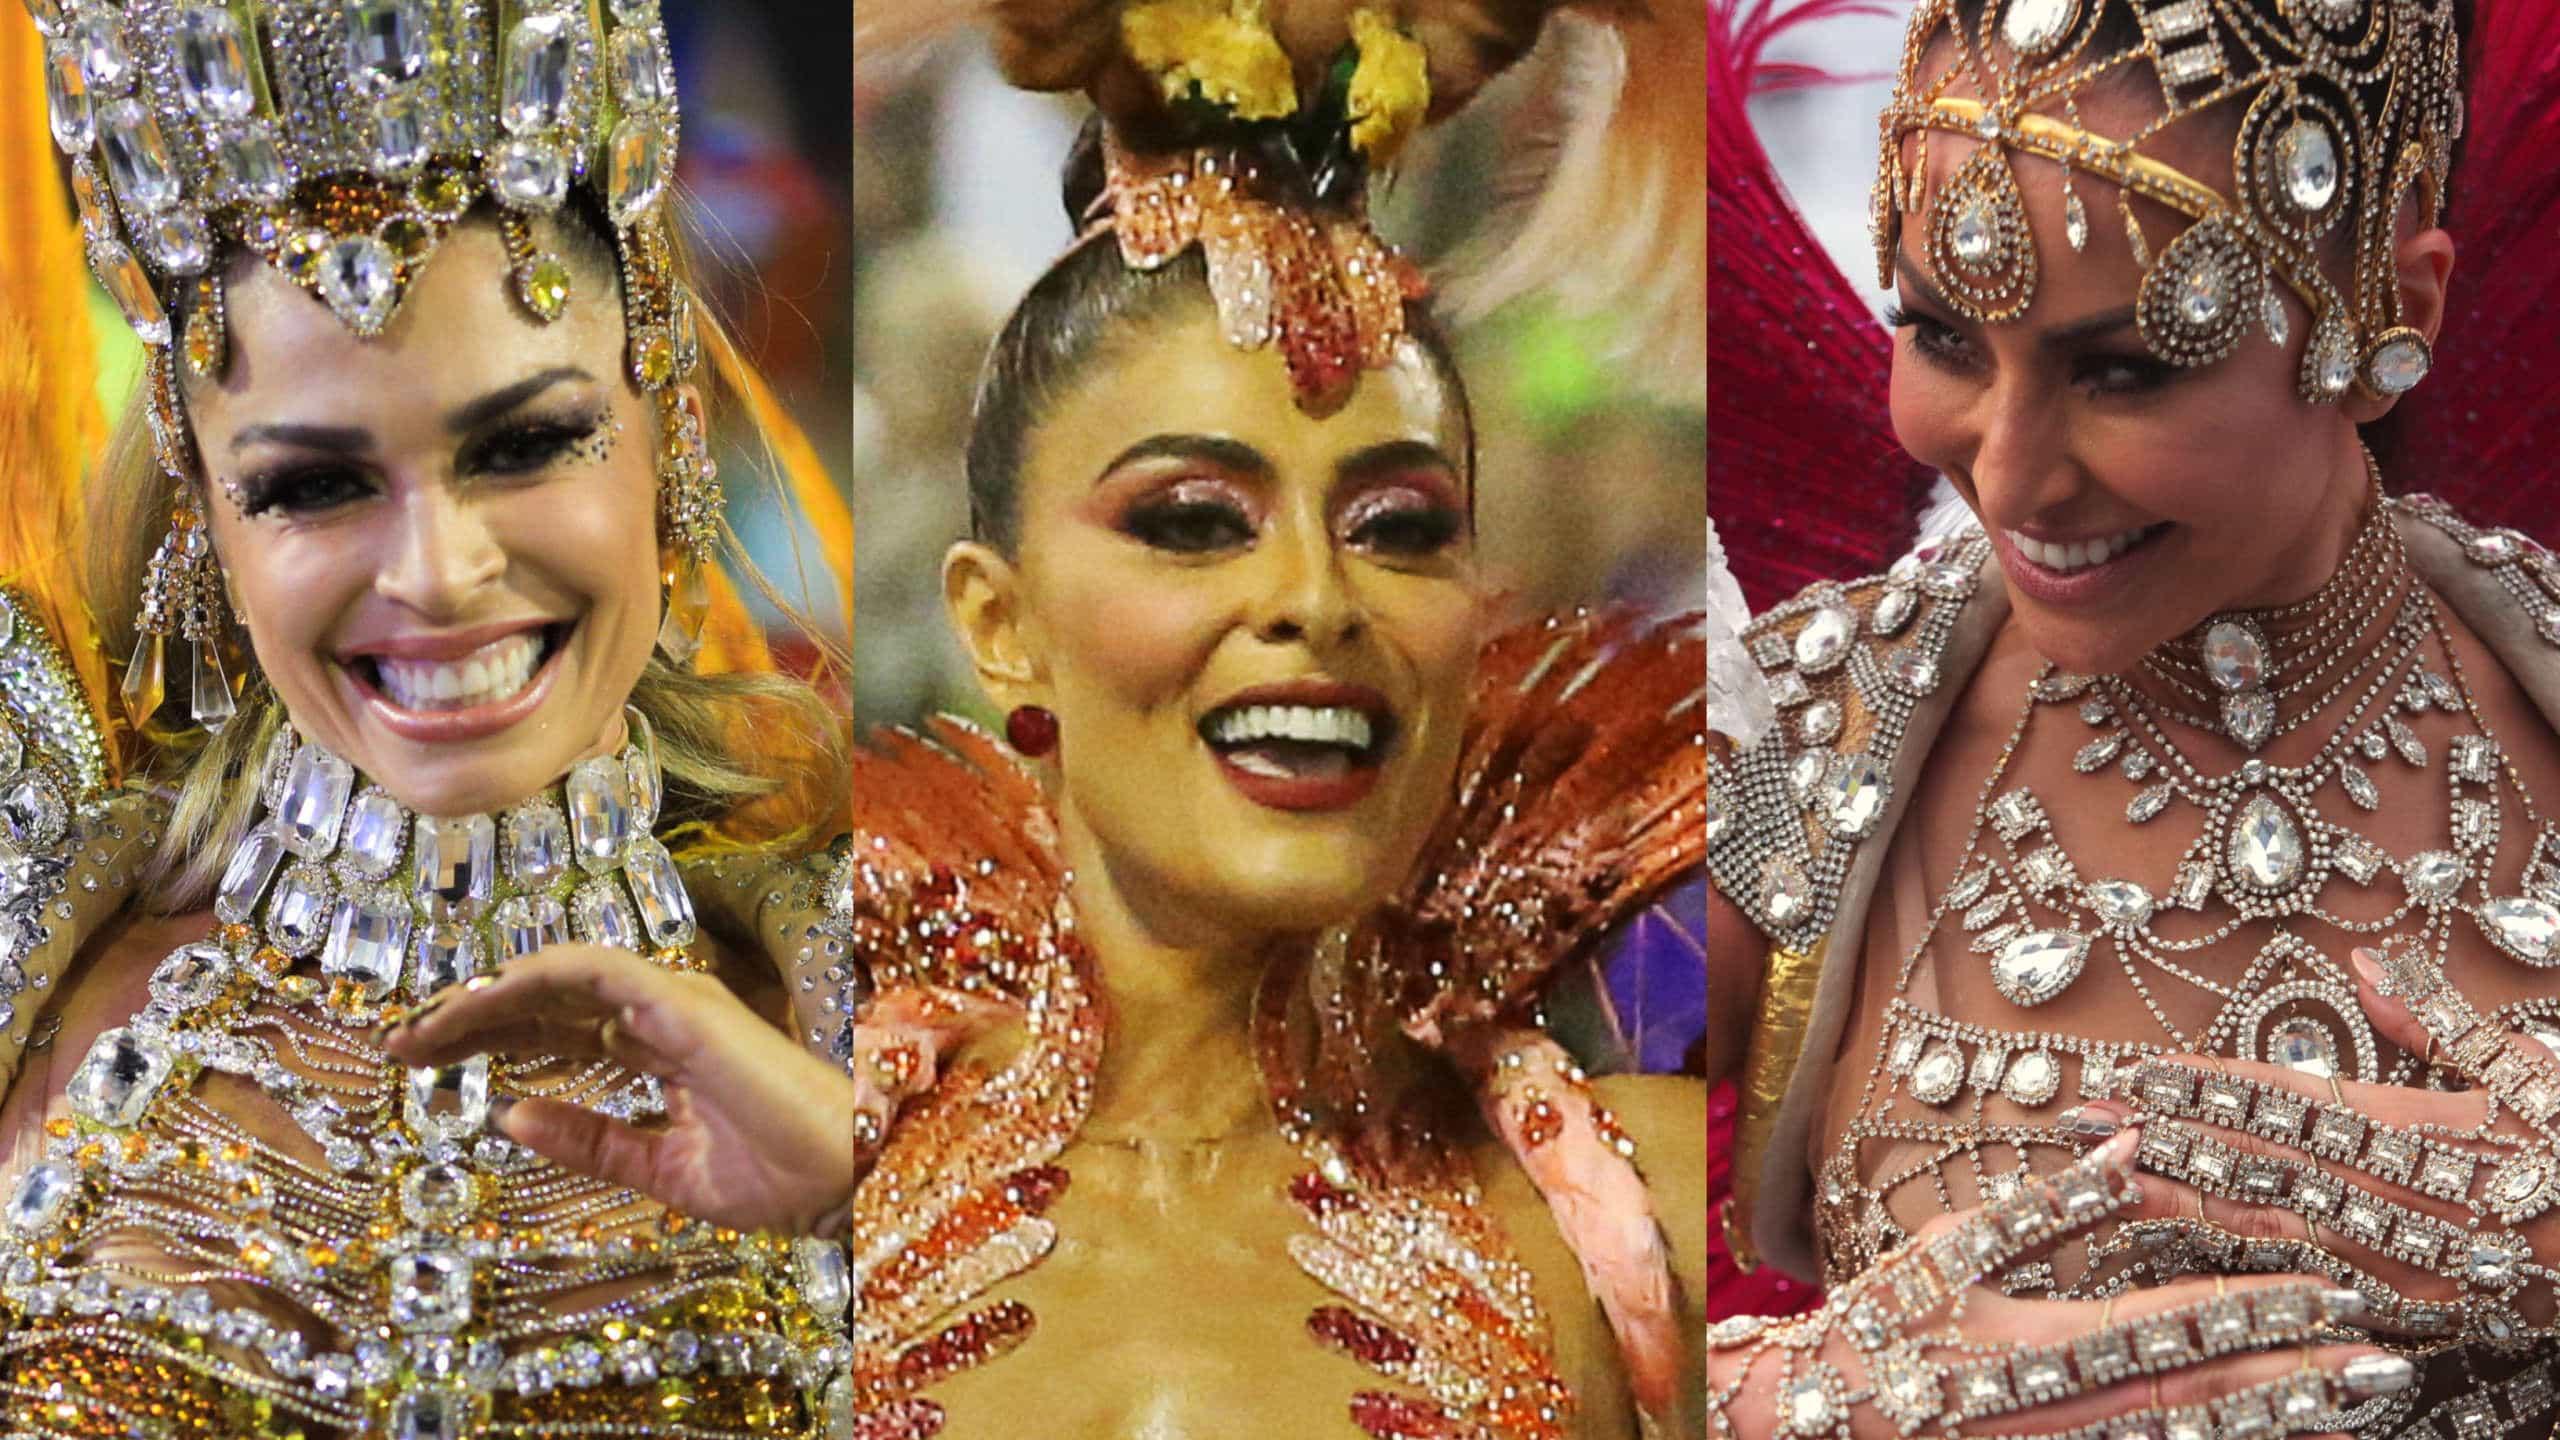 Musas do Carnaval: qual a mais famosa mais poderosa?